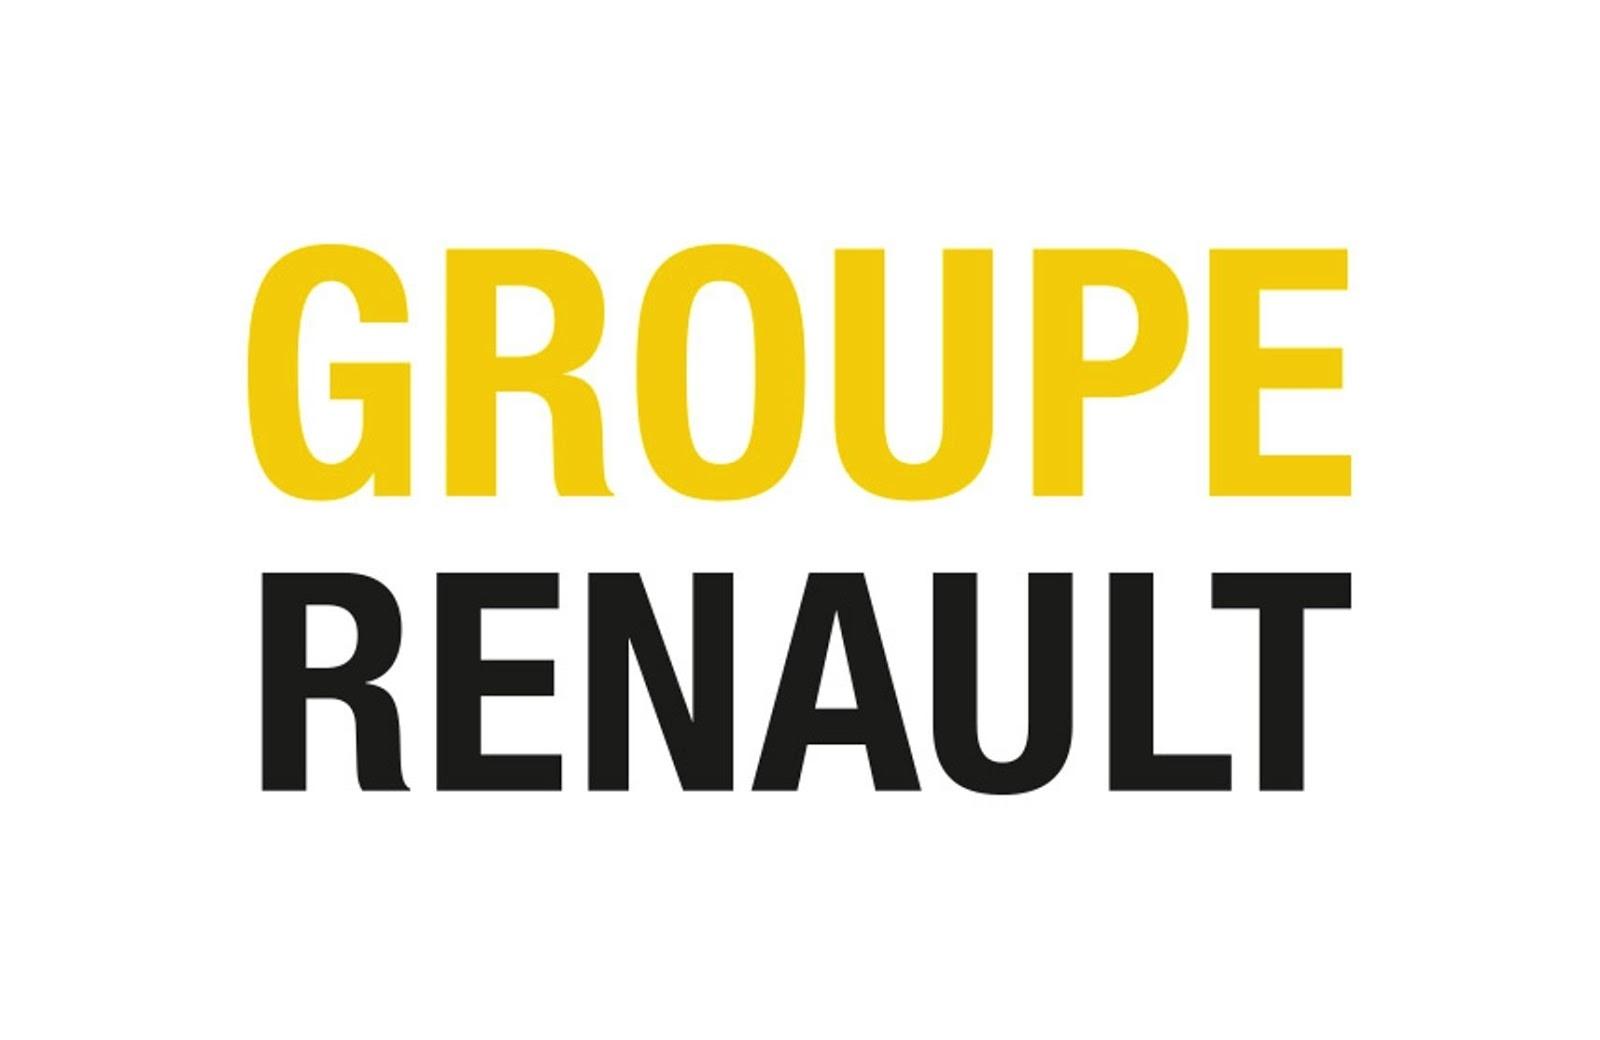 Renault entra en números rojos por primera vez en diez años